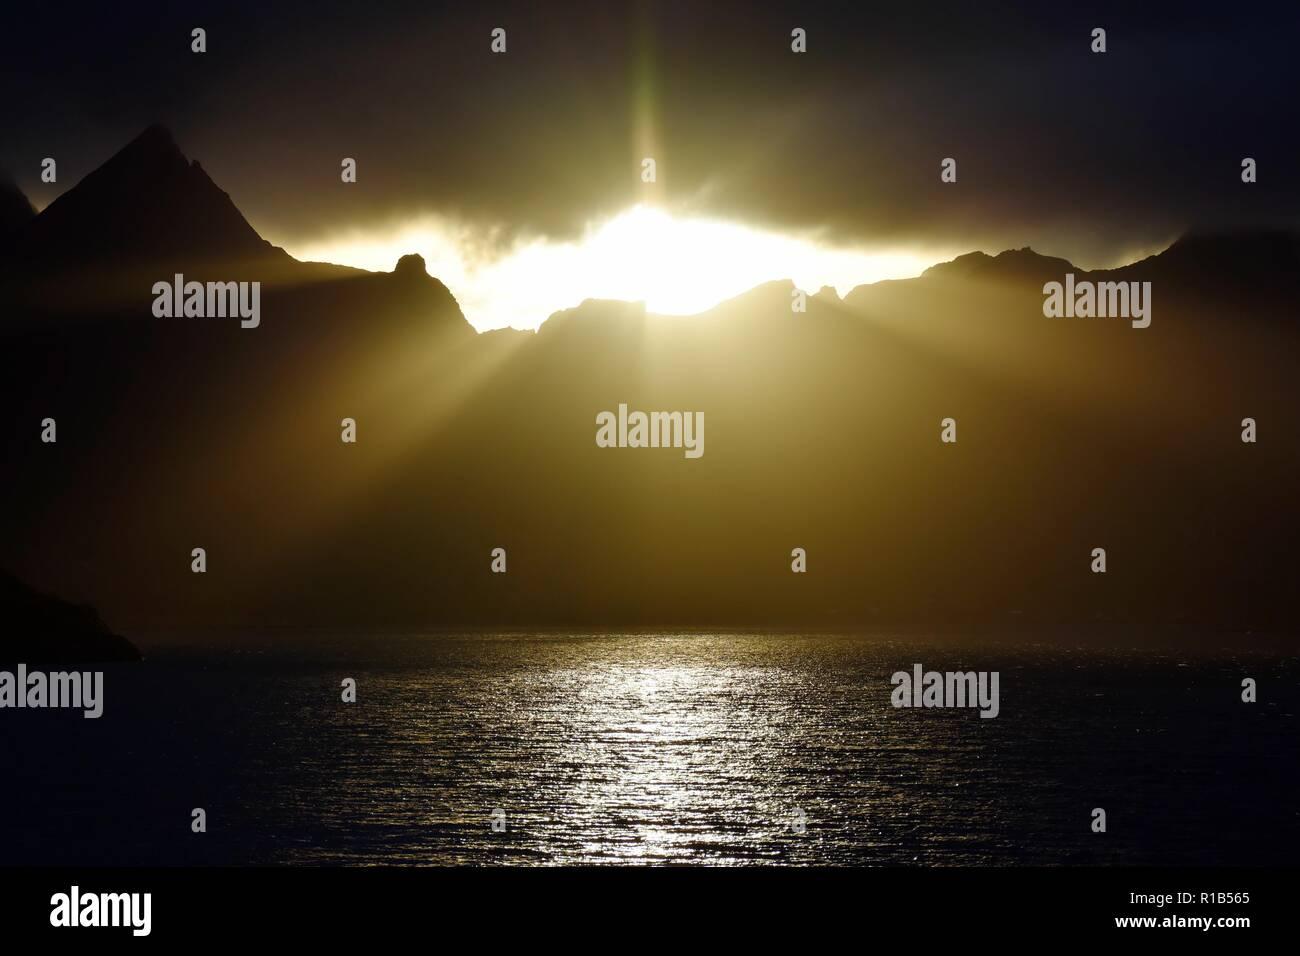 Norwegen, Reine, Moskenes, Lofoten, Abend, Abendstimmung, Wolken, Sonnenstrahl, Sonnenstrahlen, Sonne, Reinefjorden, Fjord, Nacht, Dämmerung, Dämmersc - Stock Image